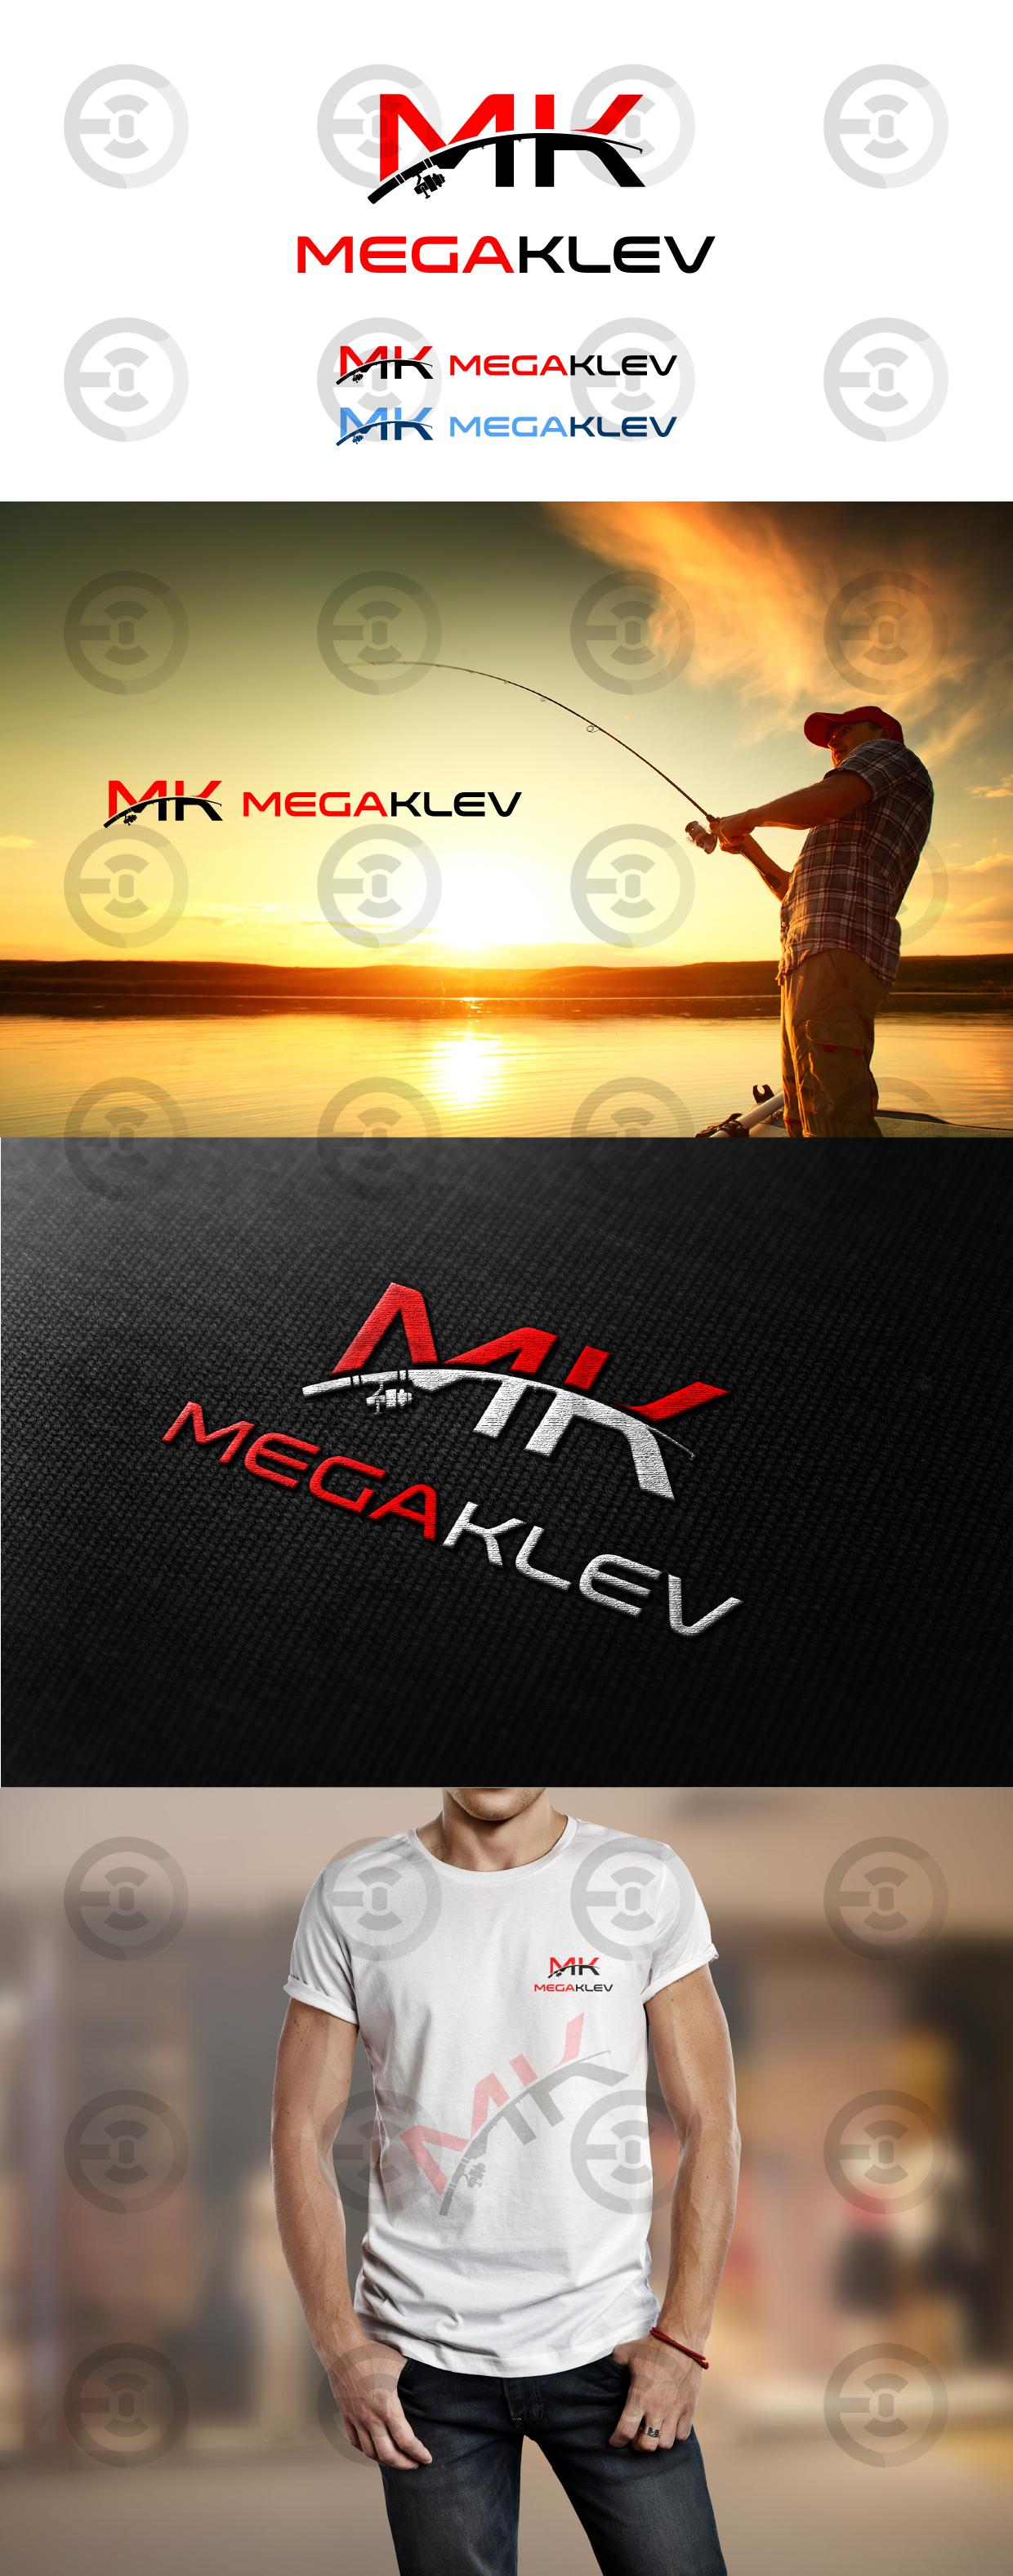 МЕГАКЛЕВ-01.png